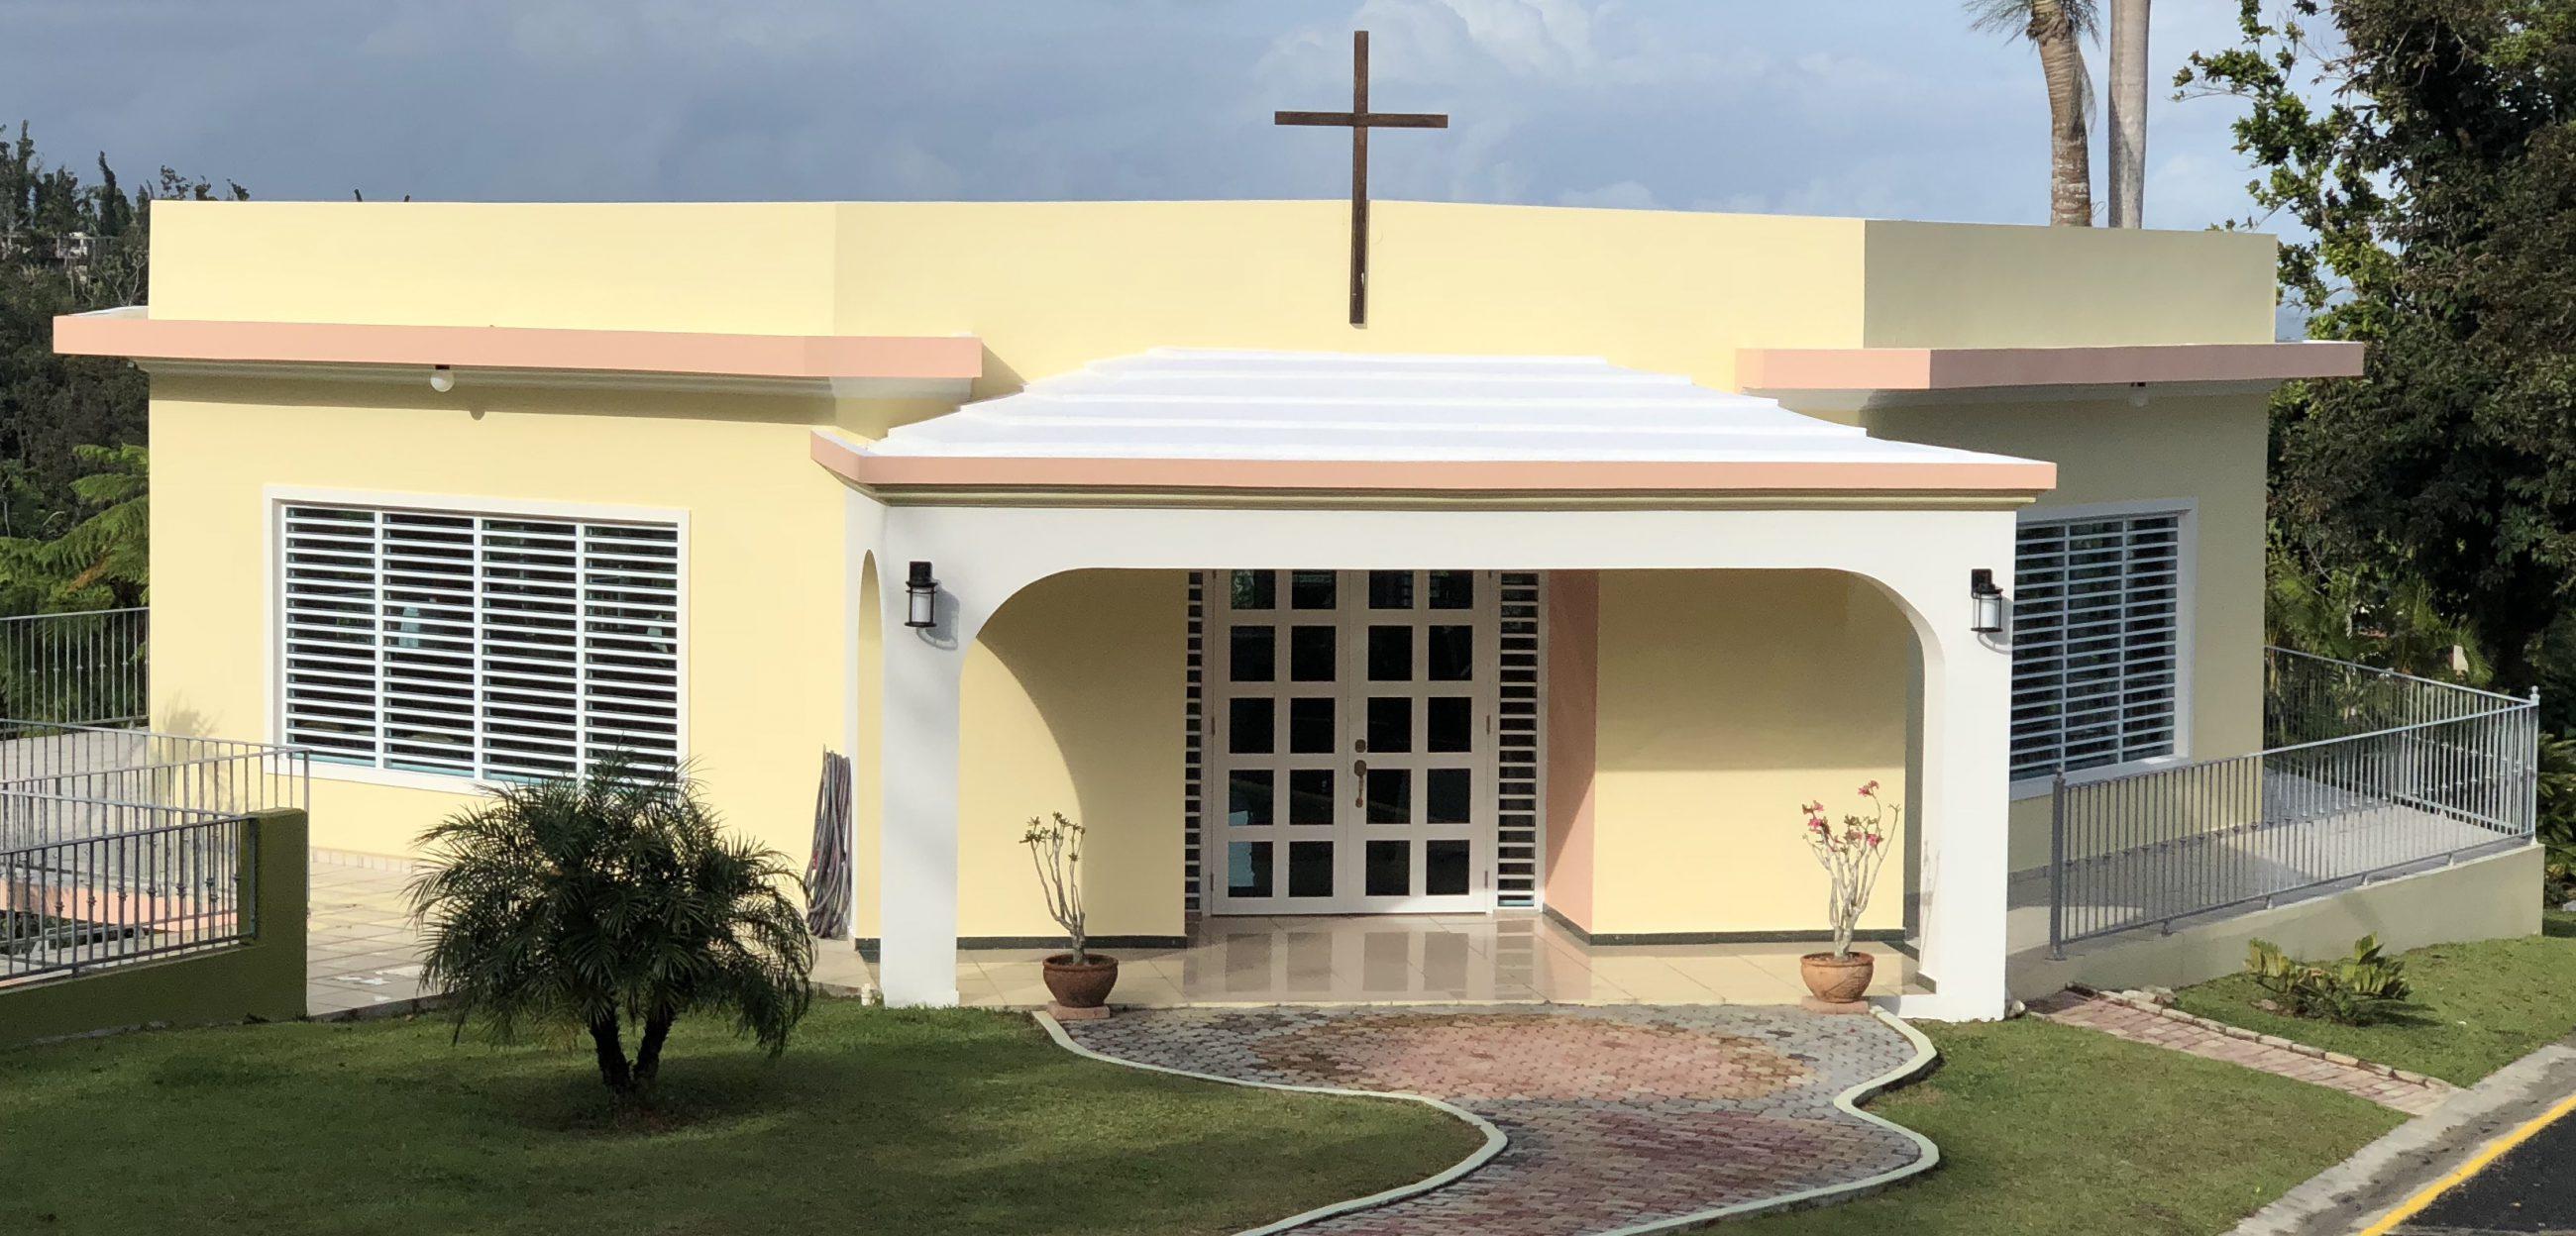 CASA CRISTO REDENTOR (Misioneros Redentoristas)